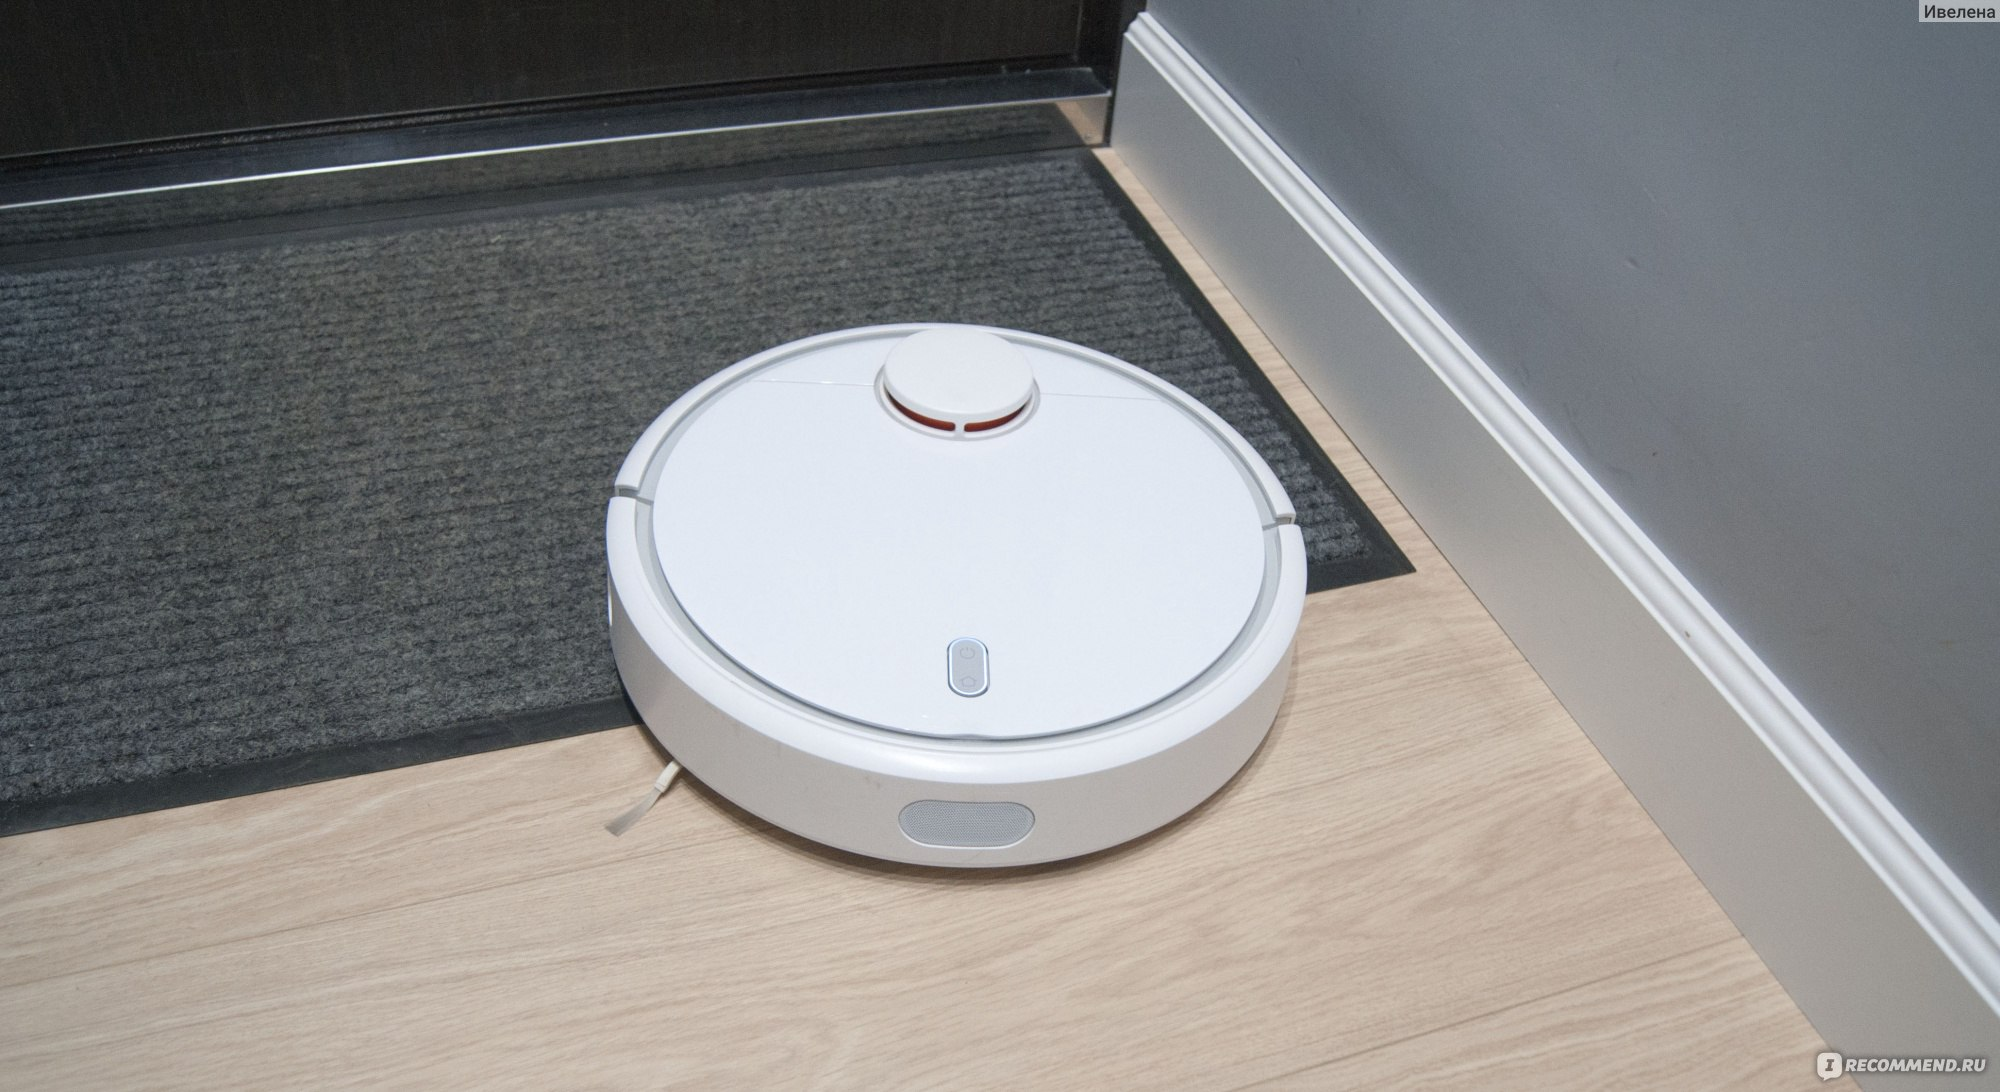 Лучший робот-пылесос для бассейна — топ-10 моделей нюансы выбора